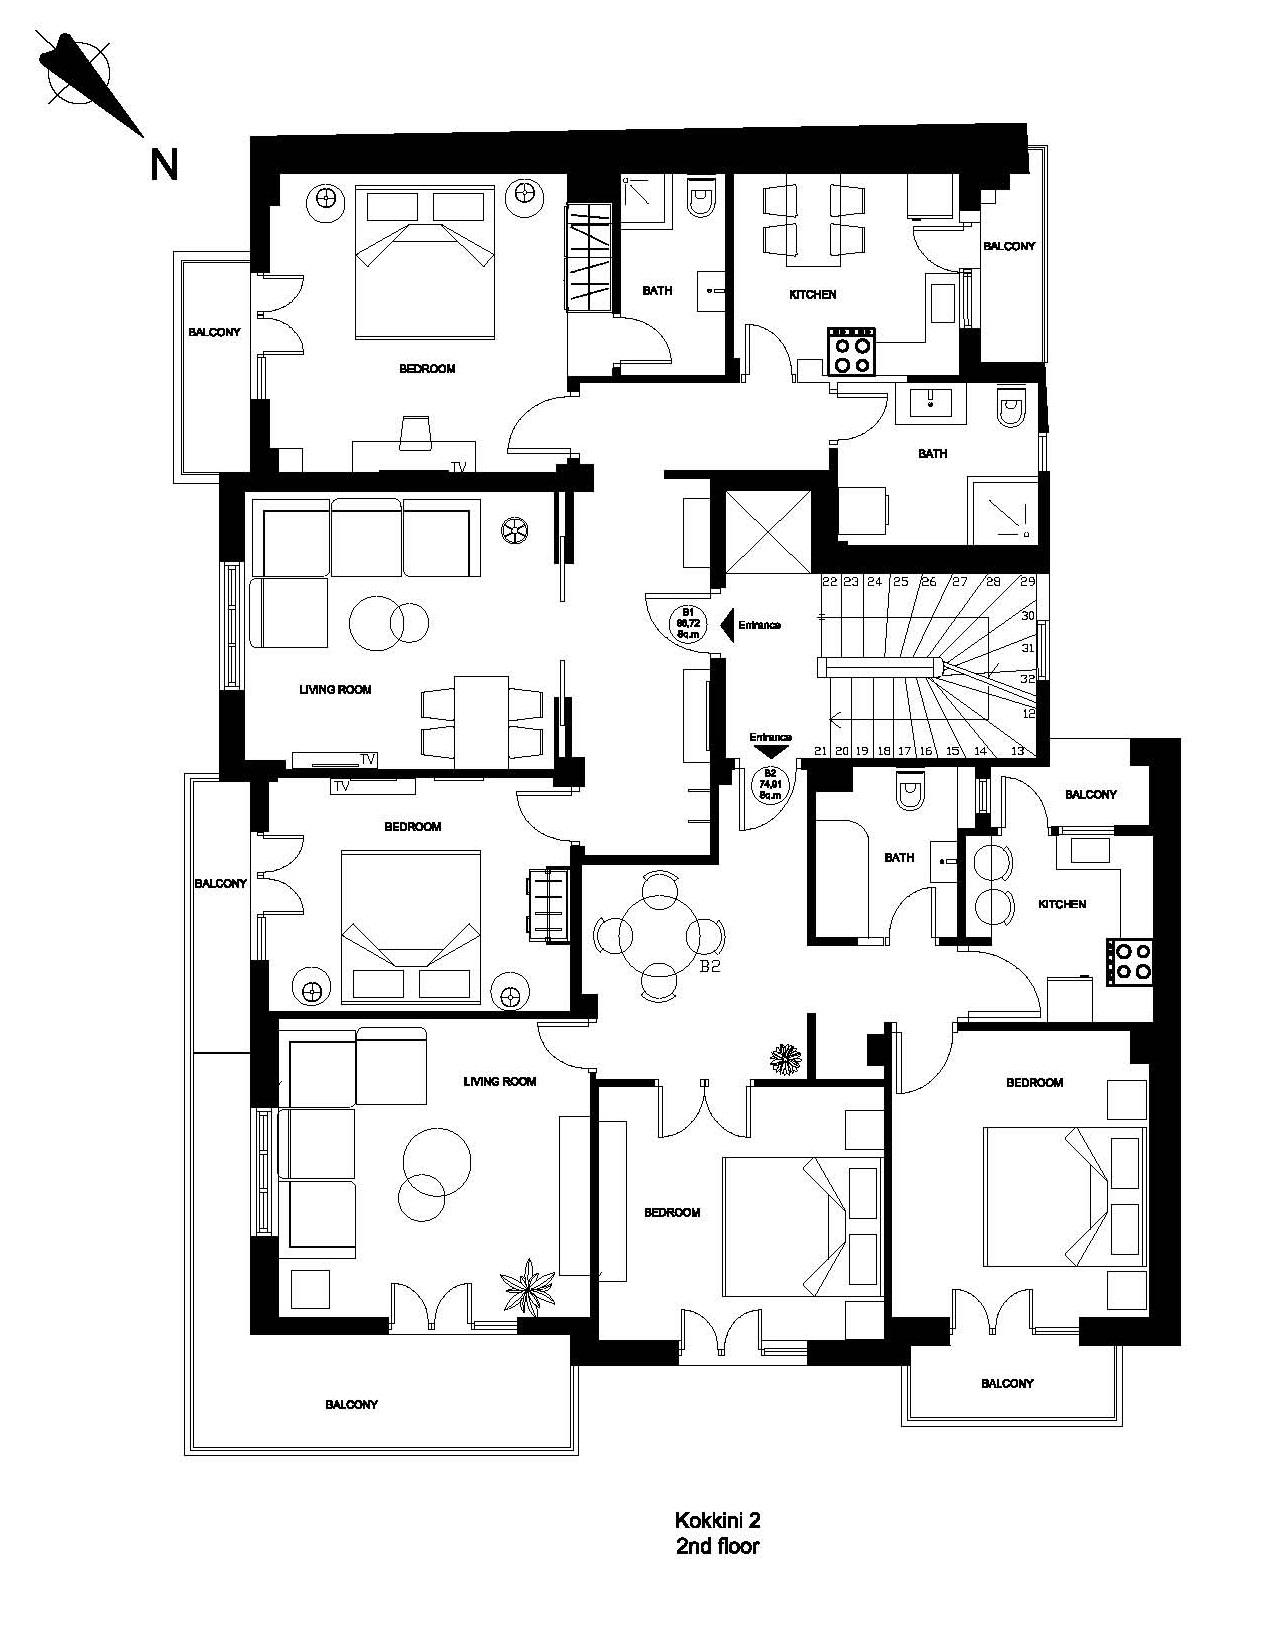 Kokkini 2 2nd floor plan